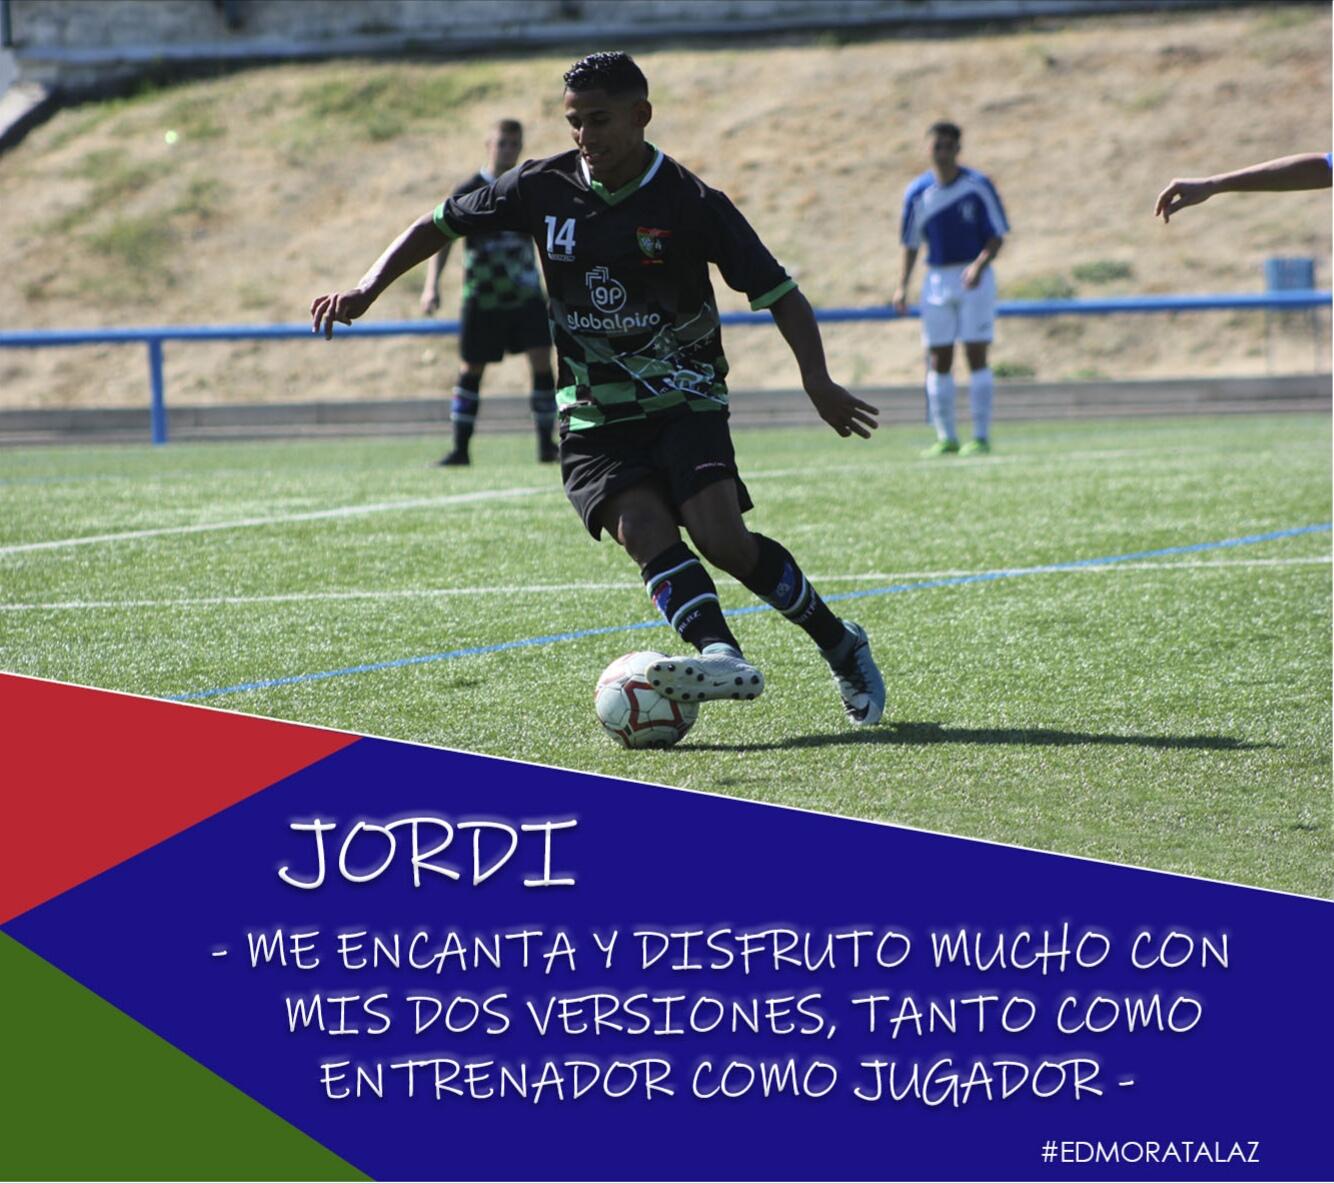 Jordi: «Me encanta y disfruto mucho con mis dos versiones, tanto como jugador como entrenador»